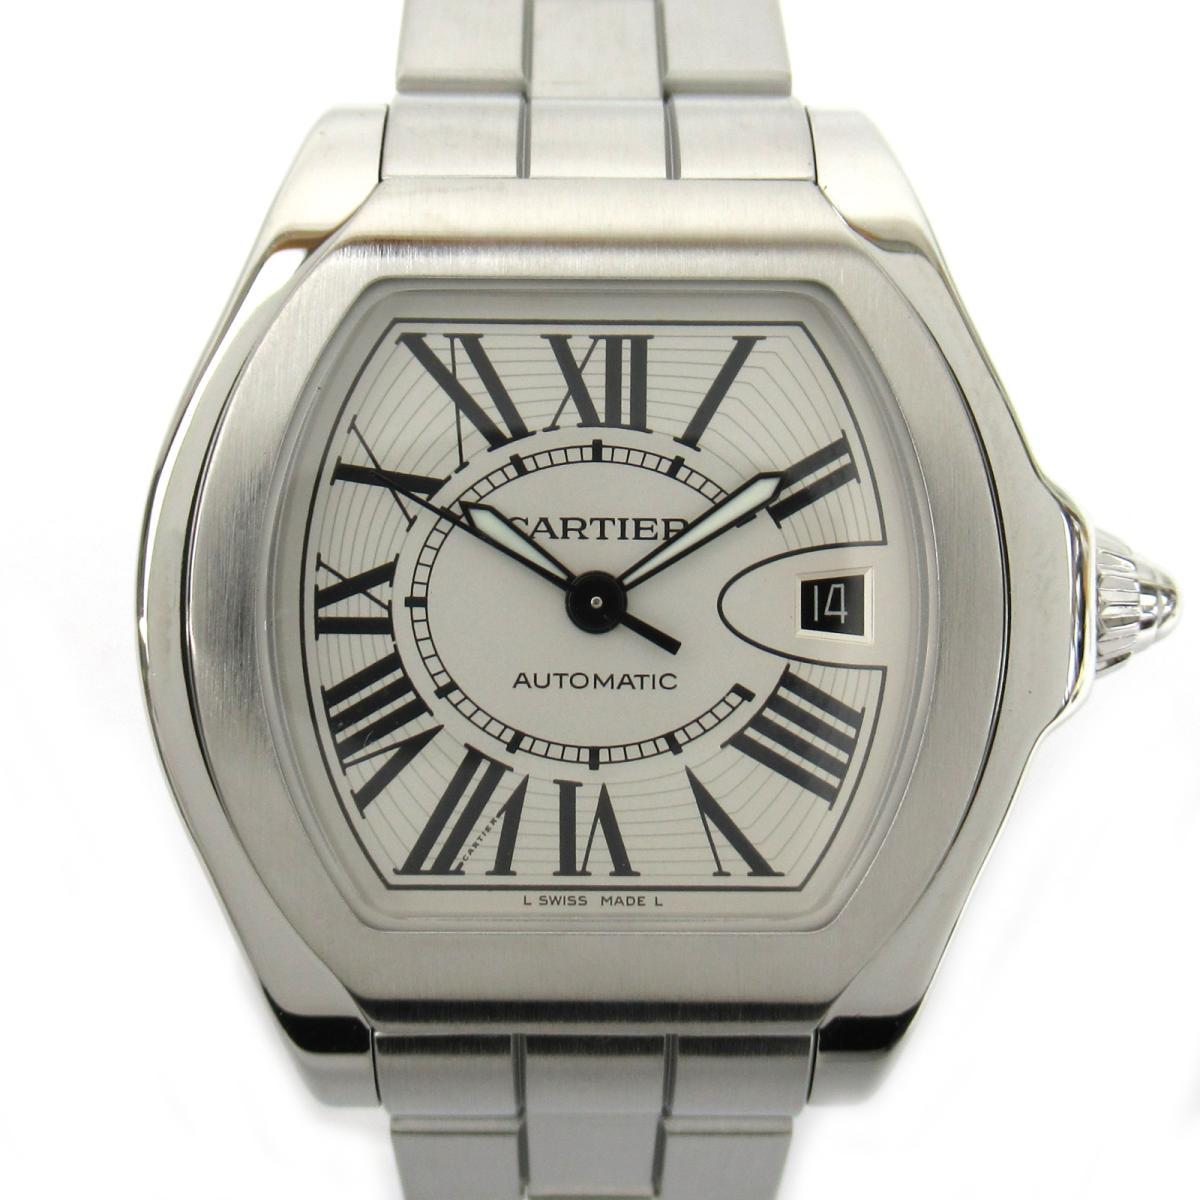 ≪期間限定≫メルマガ登録でクーポンGET! 【中古】 カルティエ ロードスター ウォッチ 腕時計 メンズ ステンレススチール (SS) (W6206017) | Cartier BRANDOFF ブランドオフ ブランド ブランド時計 ブランド腕時計 時計